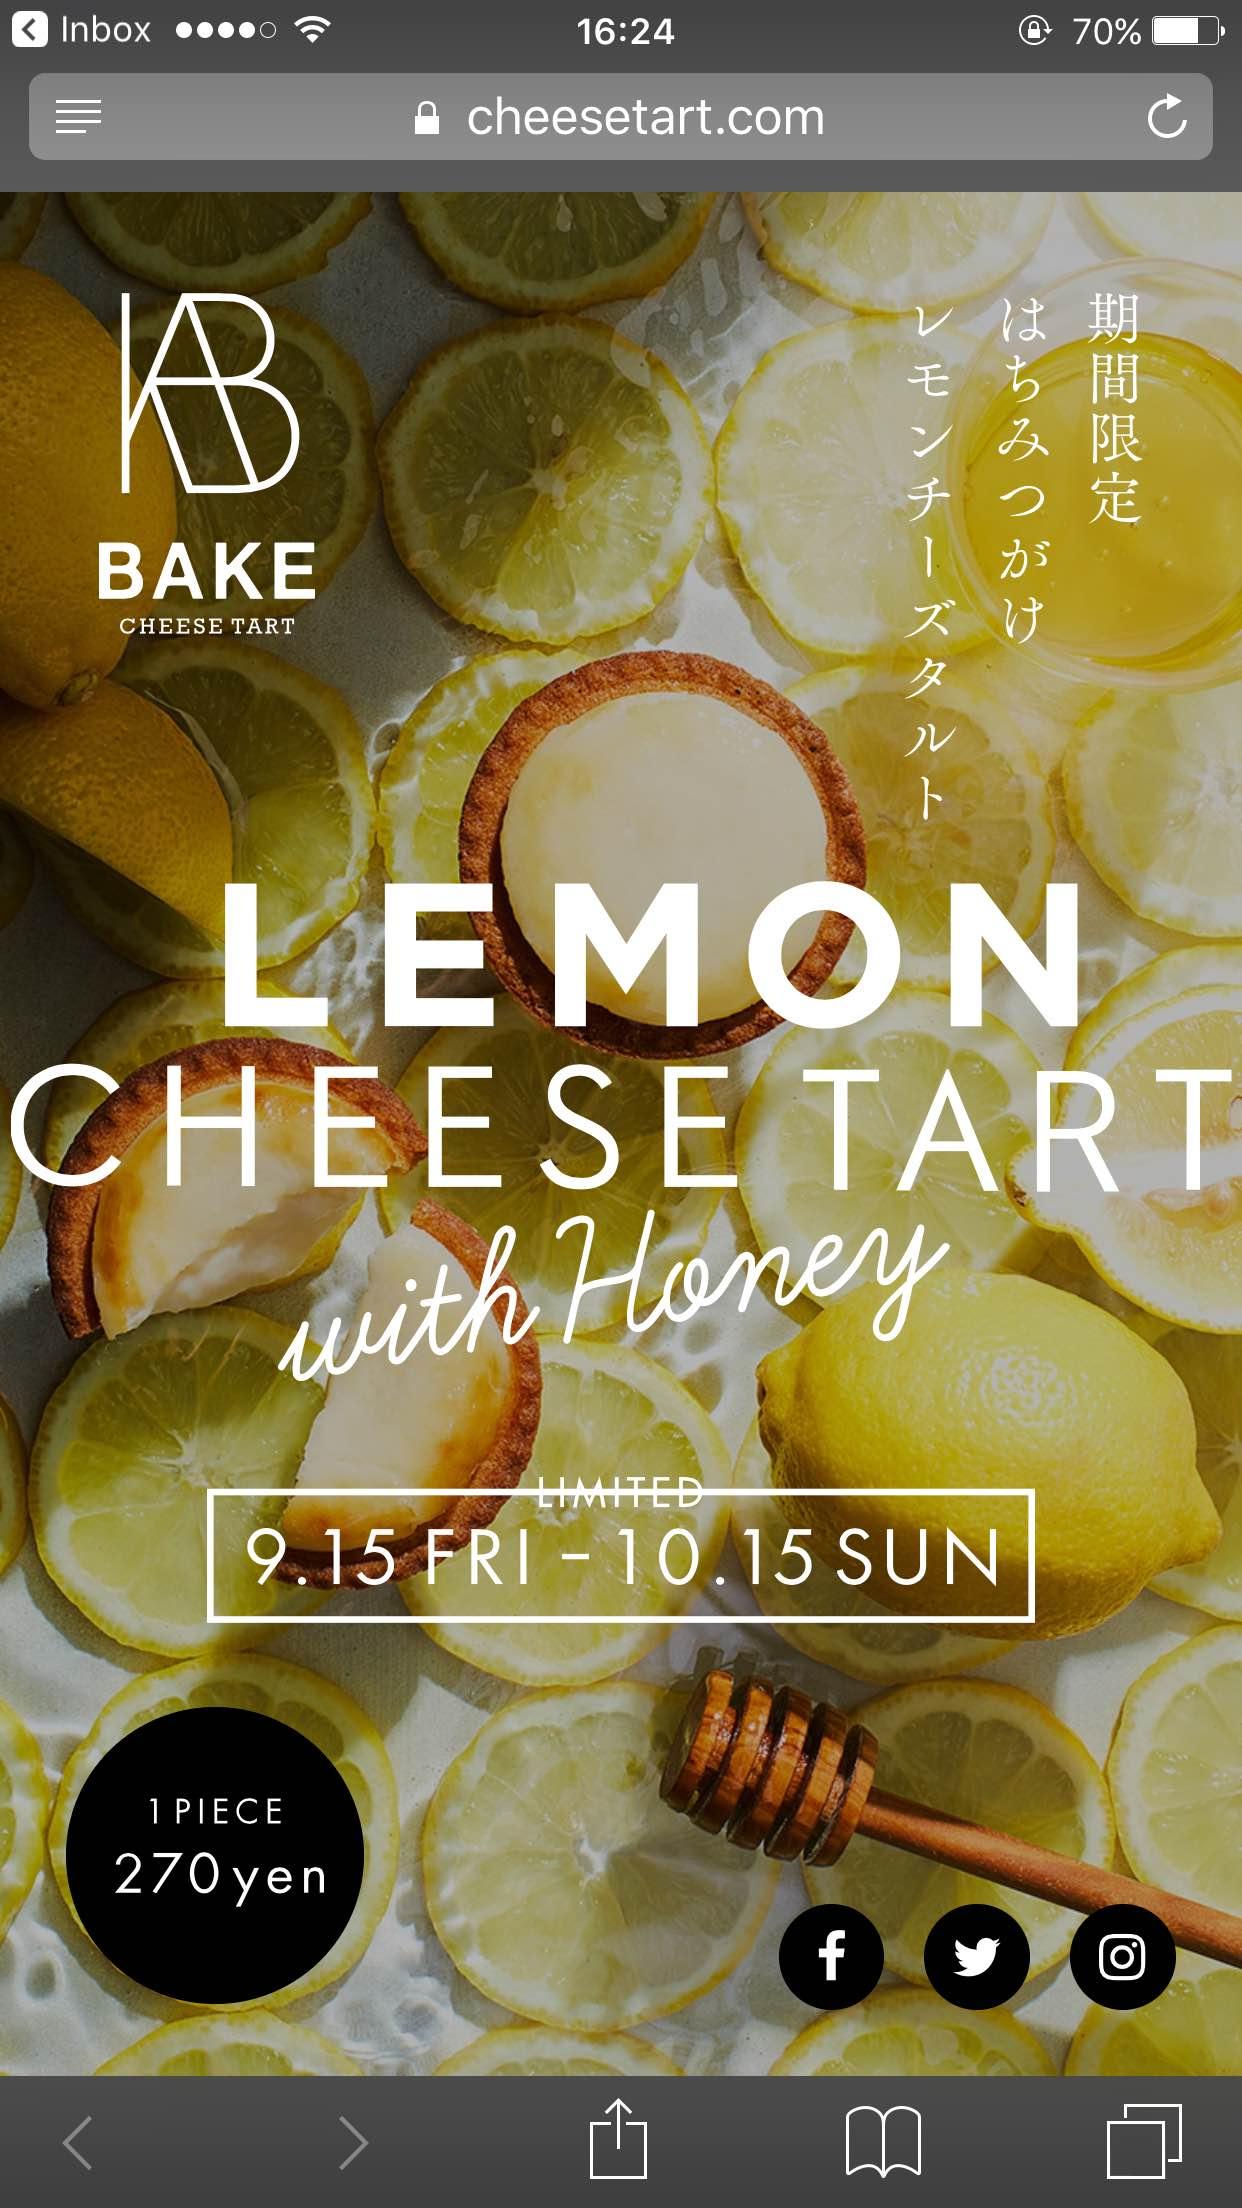 はちみつがけレモンチーズタルト | ベイク チーズタルト | BAKE CHEESE TART